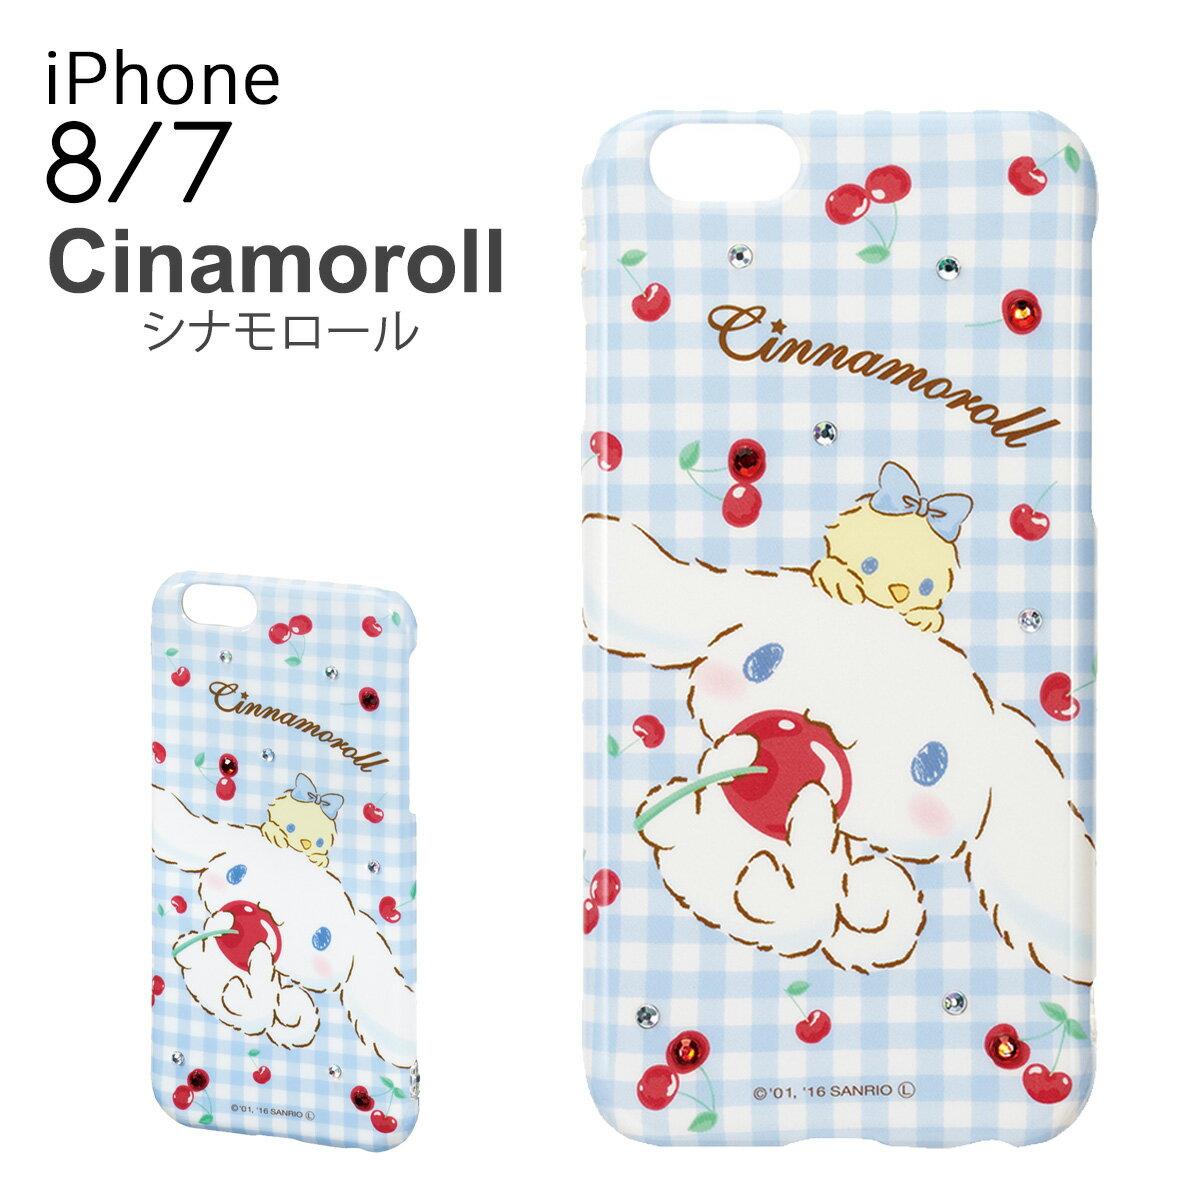 スマートフォン・携帯電話用アクセサリー, ケース・カバー  Cinnamoroll iPhone8 iPhone7 iP7-SA04C PO10bef